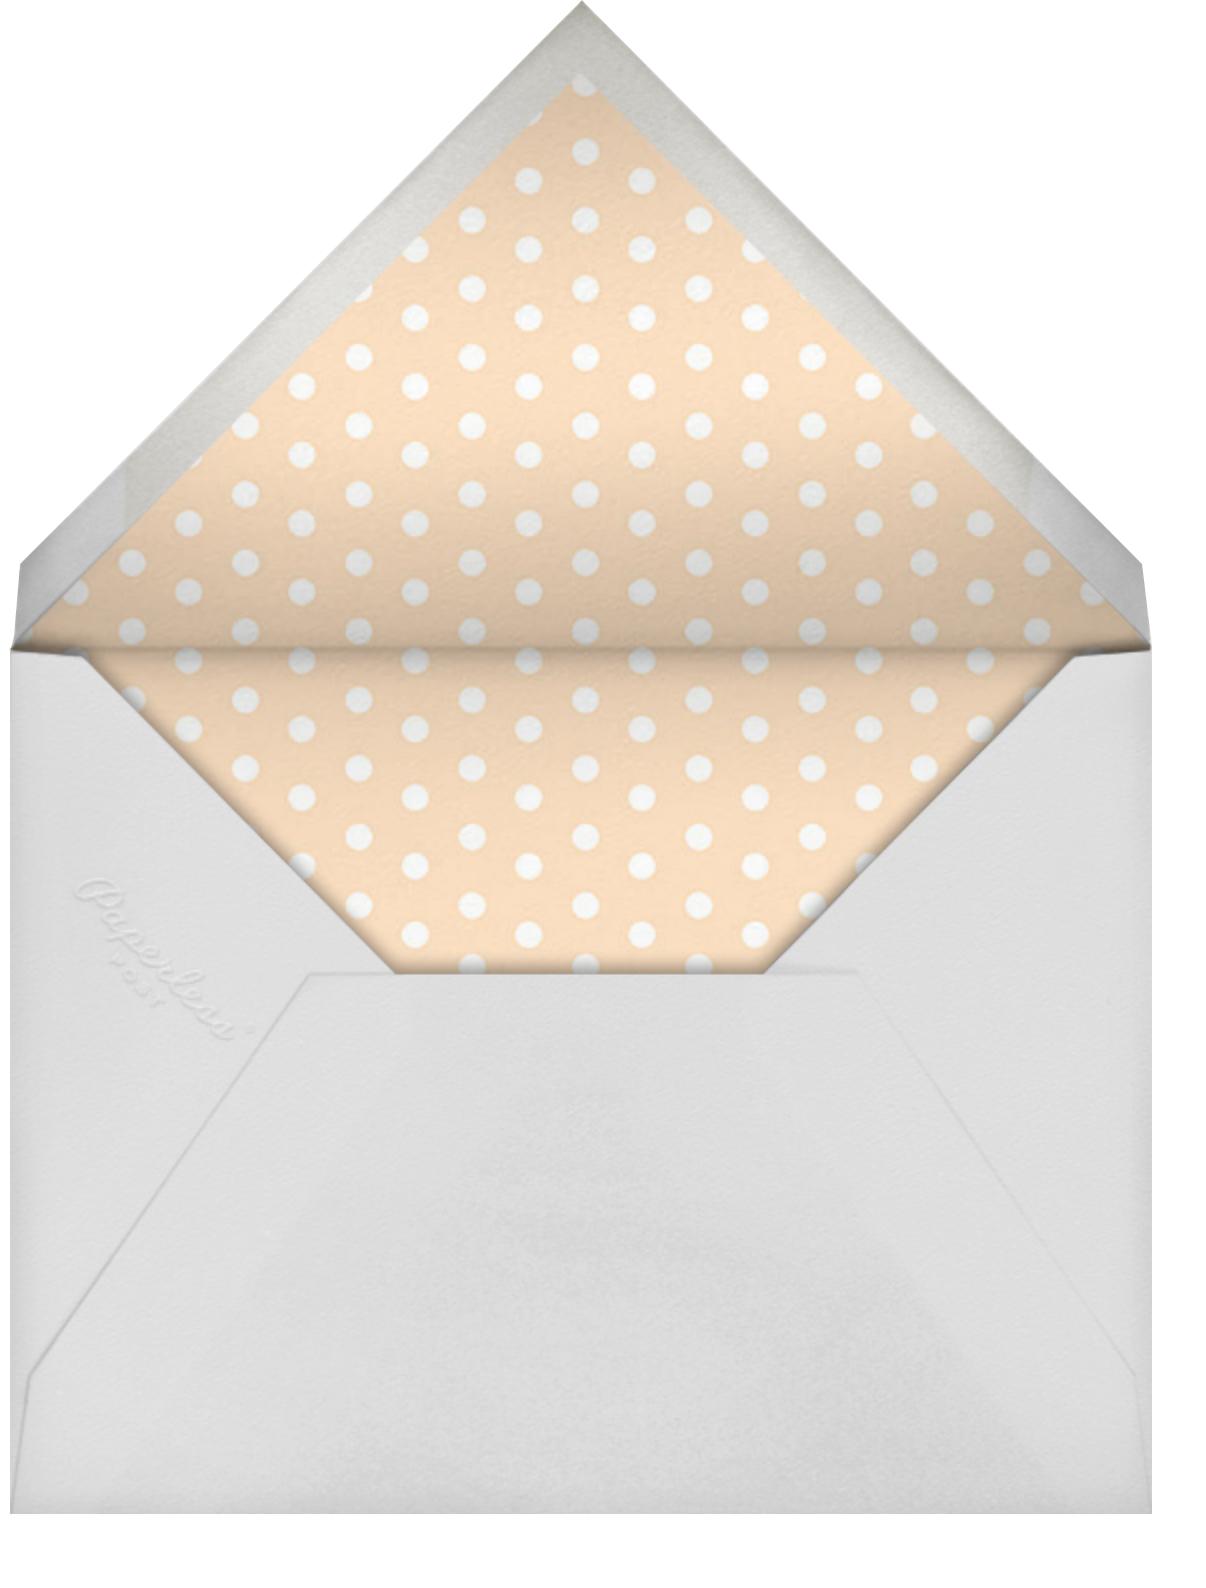 Golden State - Rifle Paper Co. - Destination - envelope back